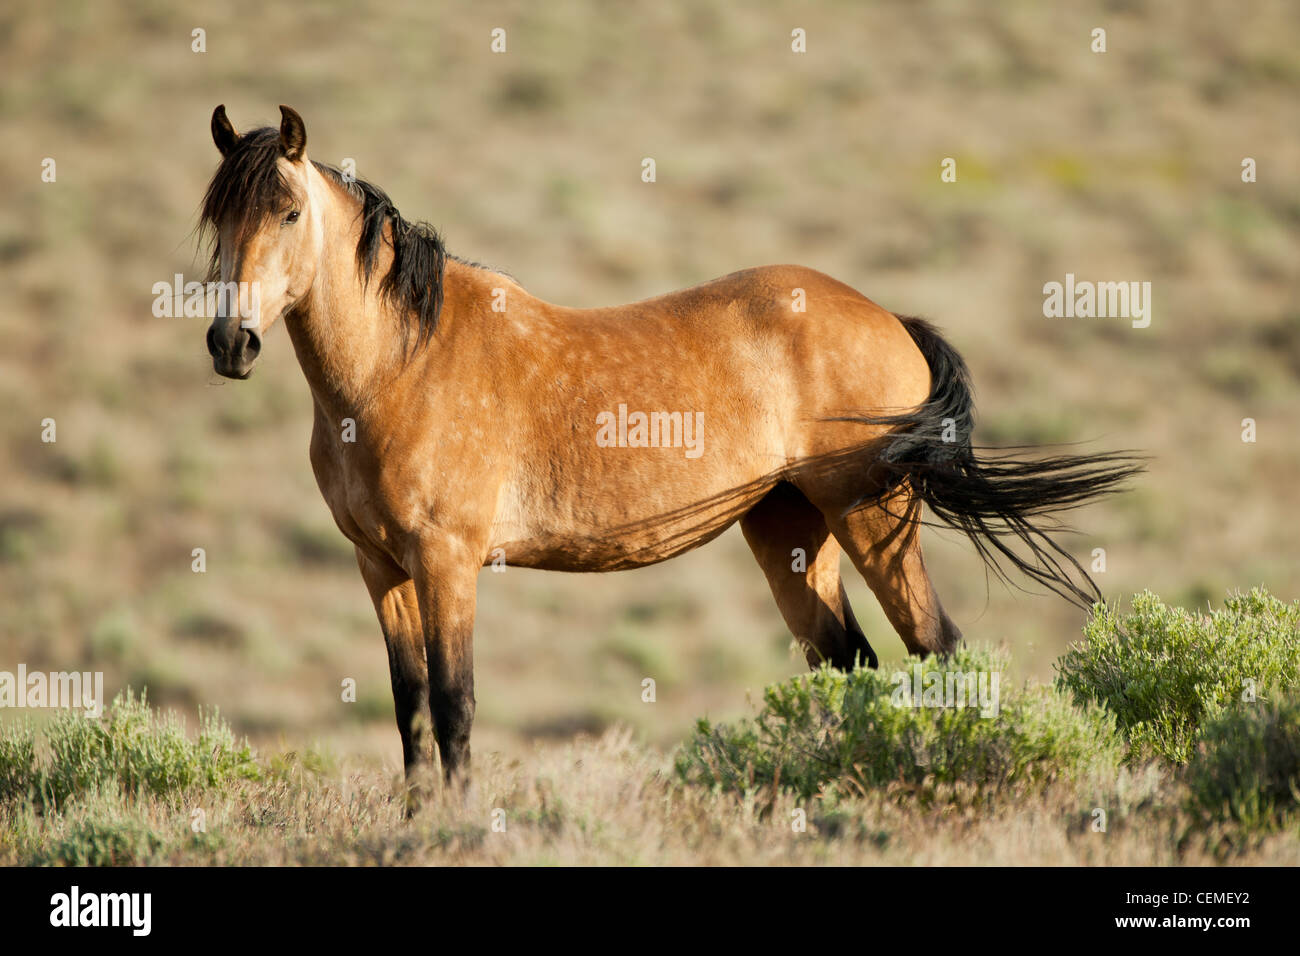 Wild horse, Equus ferus, Nevada - Stock Image